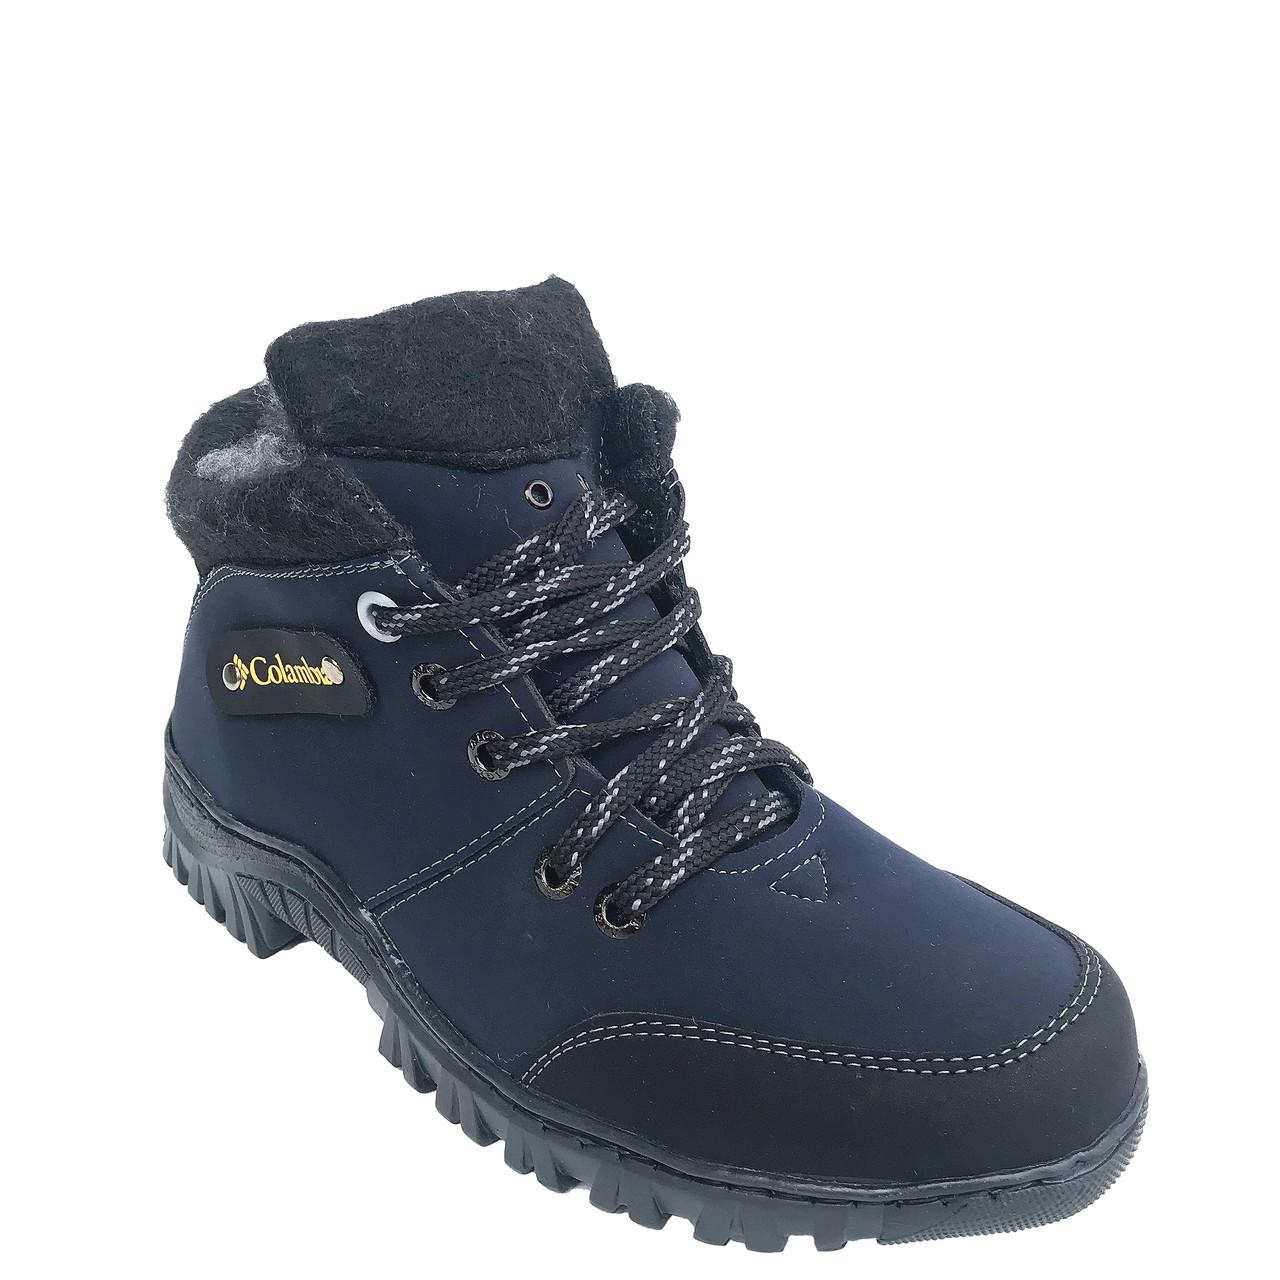 586ee88efe64e2 Ботинки мужские Анкор б-8 - Оптовый интернет-магазин львовской обуви в  Хмельницком